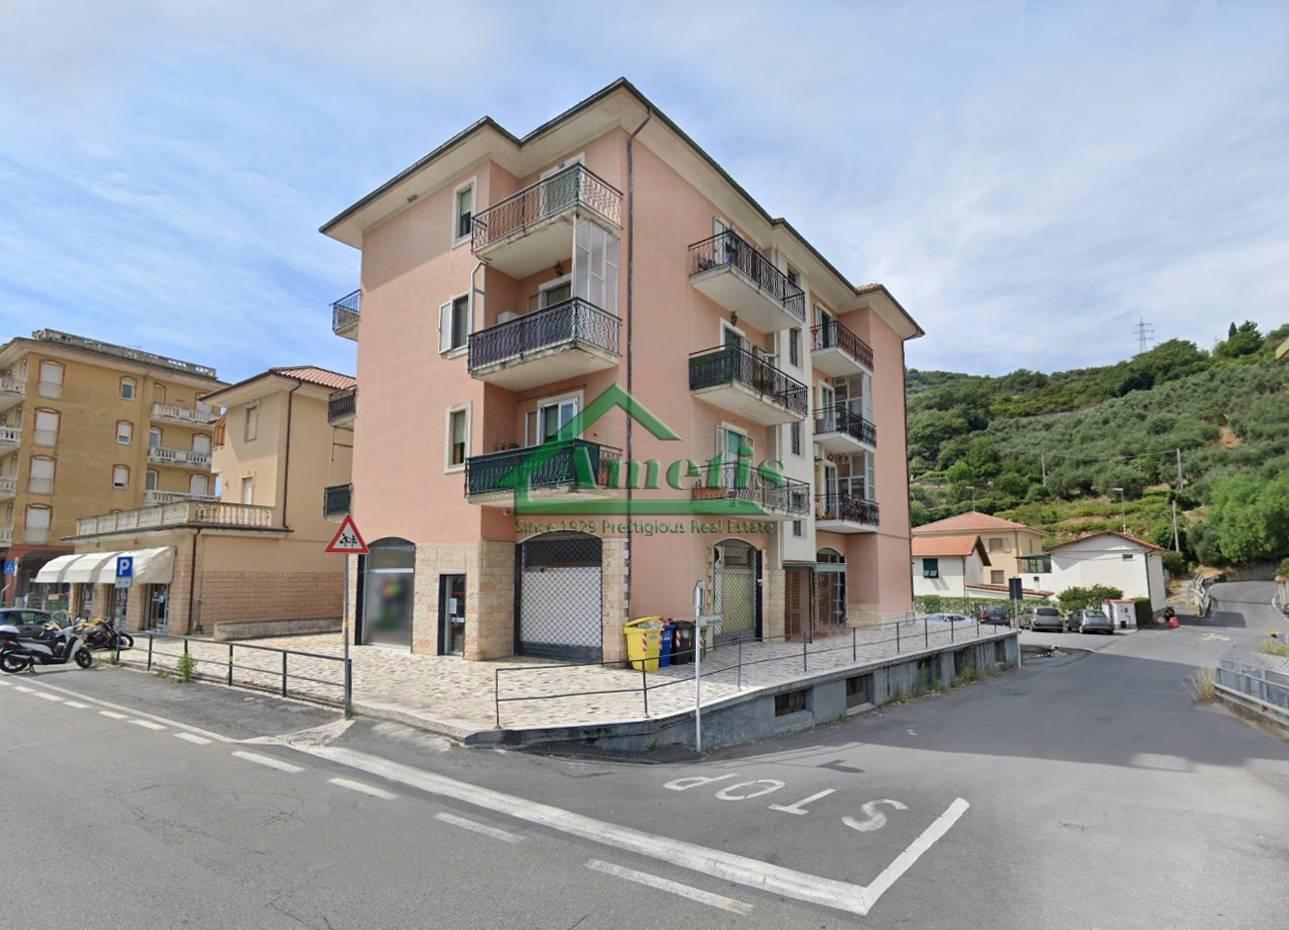 Negozio / Locale in affitto a Imperia, 4 locali, zona Località: Onegliaperiferia, prezzo € 1.000 | CambioCasa.it